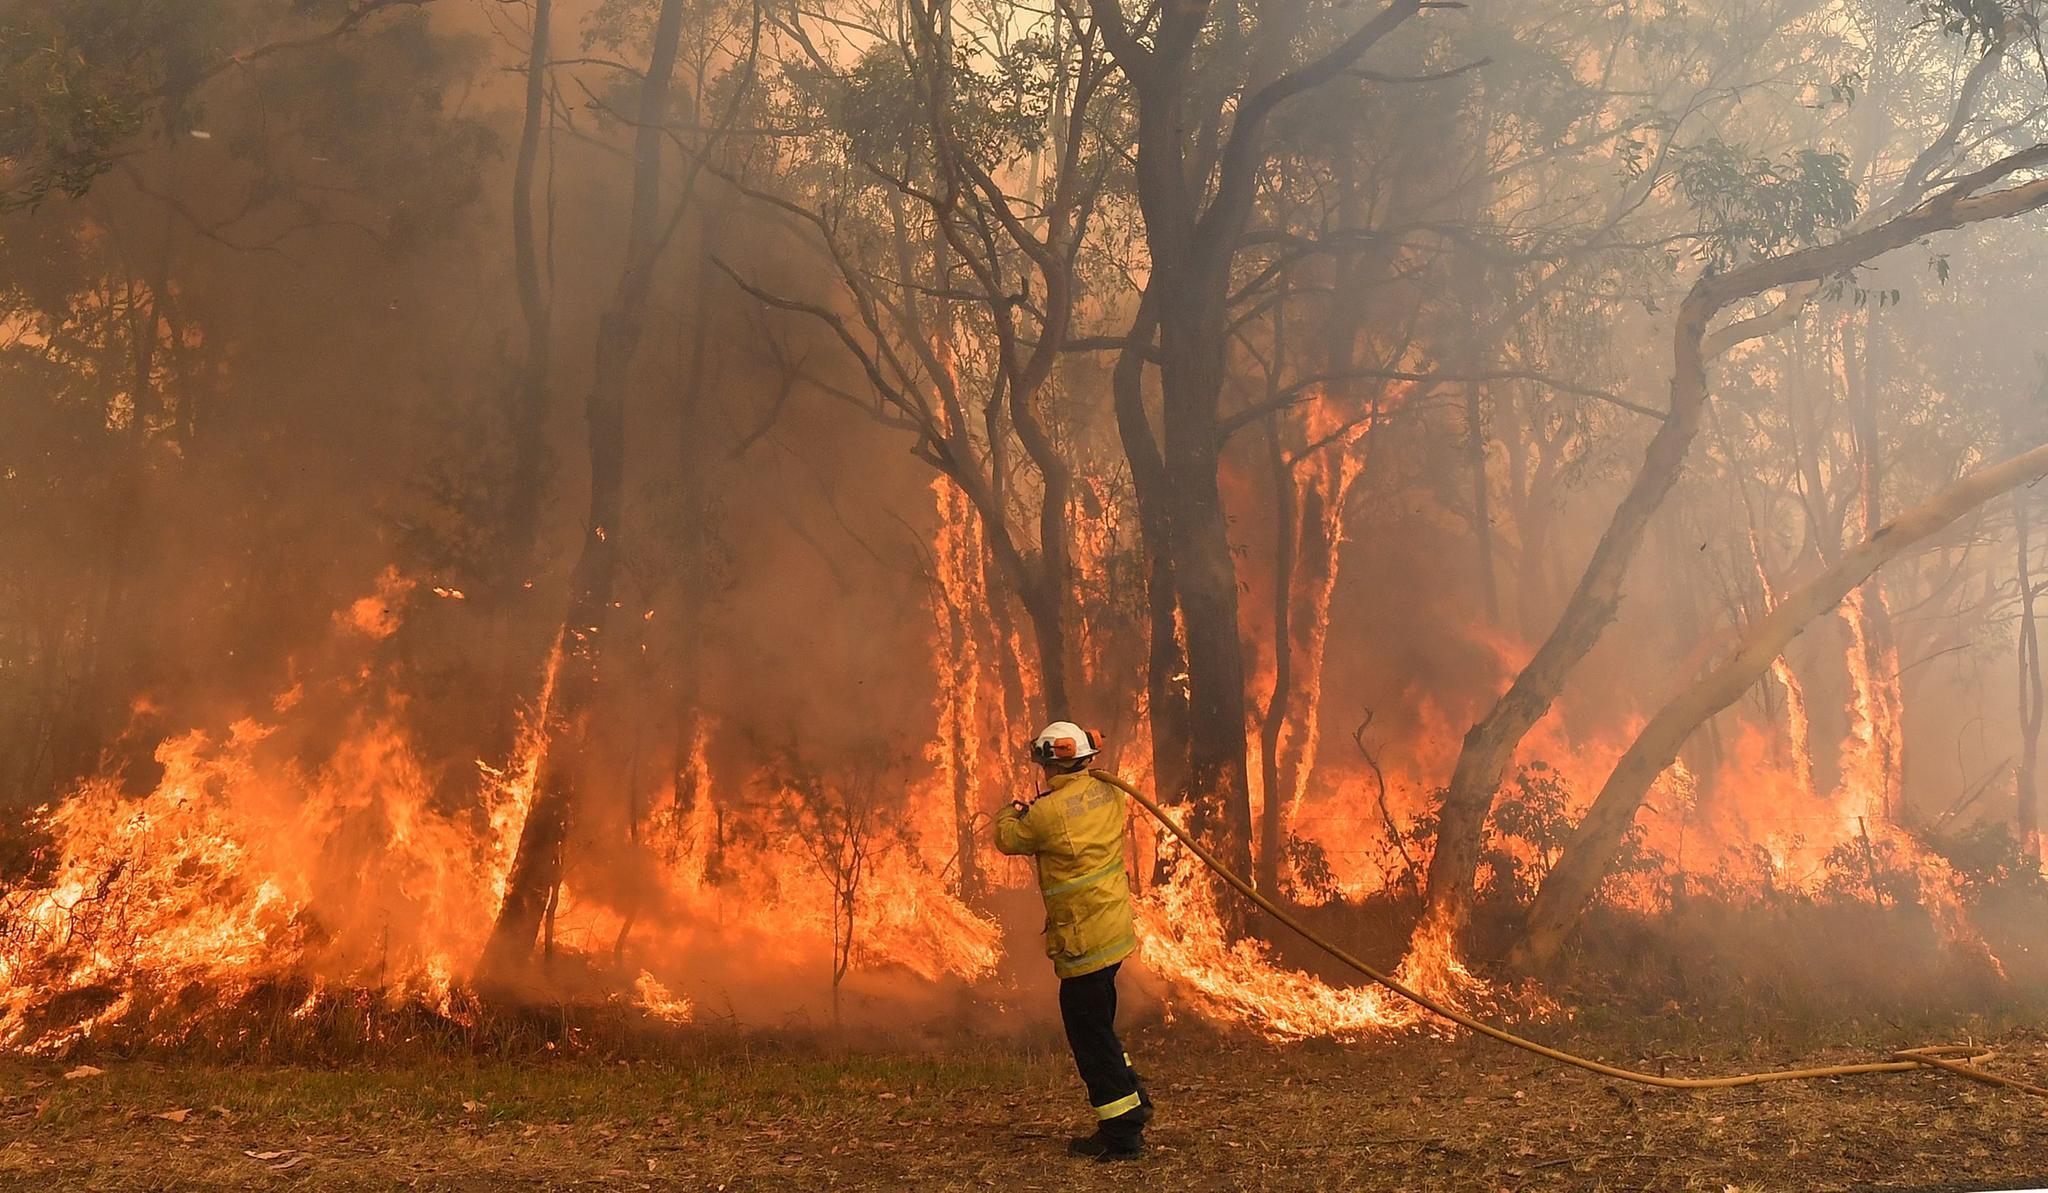 Feuerwehrmann bekämpft Buschfeuer in Australien